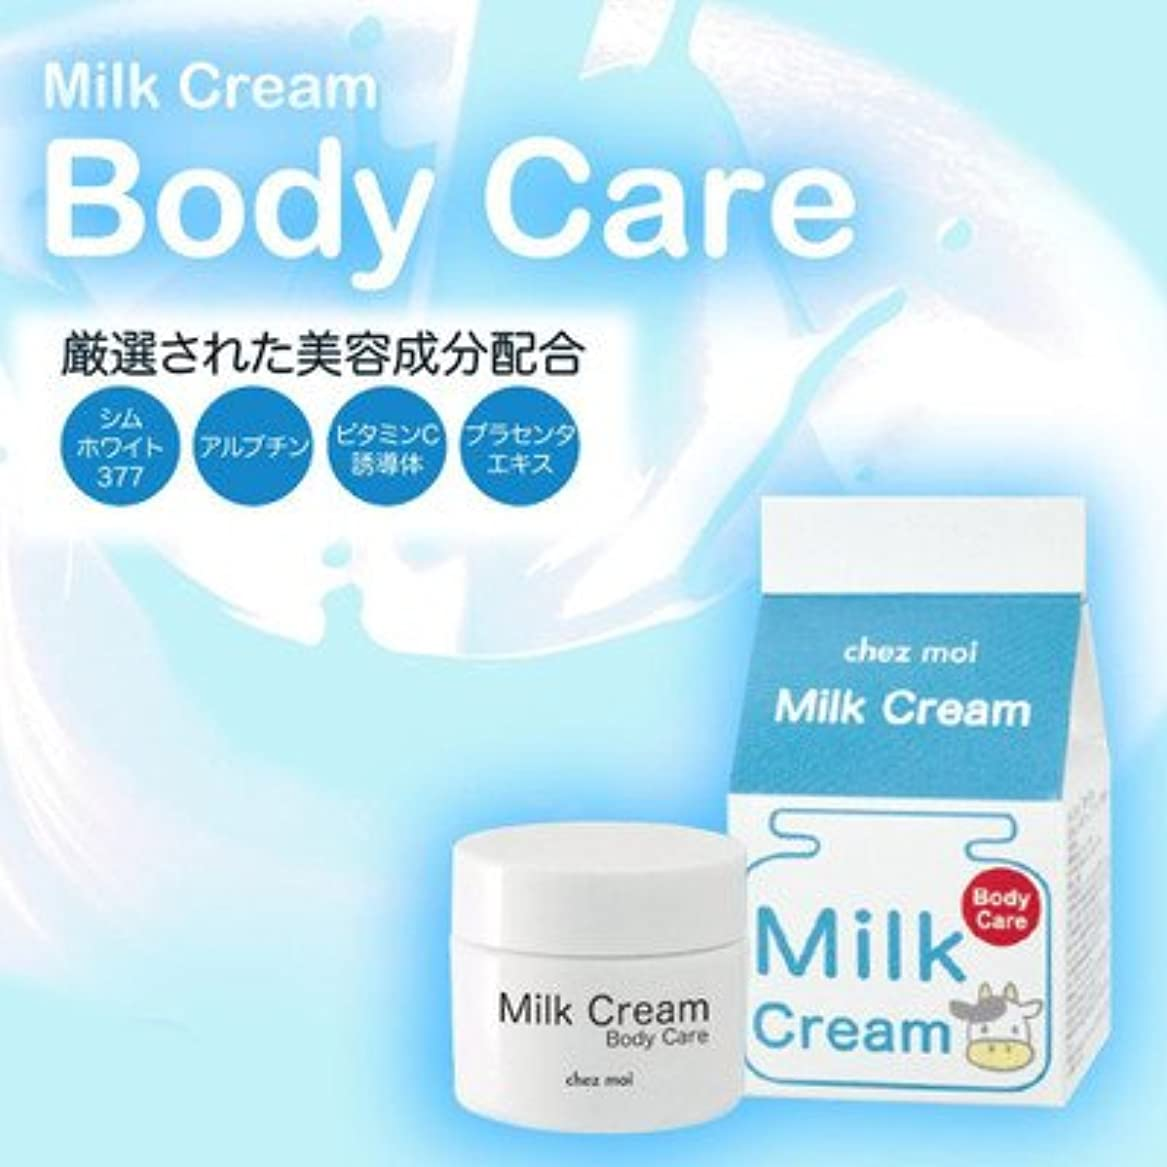 抑制する飲み込む怖い乾燥によるヒザやヒジのくすみが気になる方に Milk Cream ミルククリーム Body Care ボディケア 30g